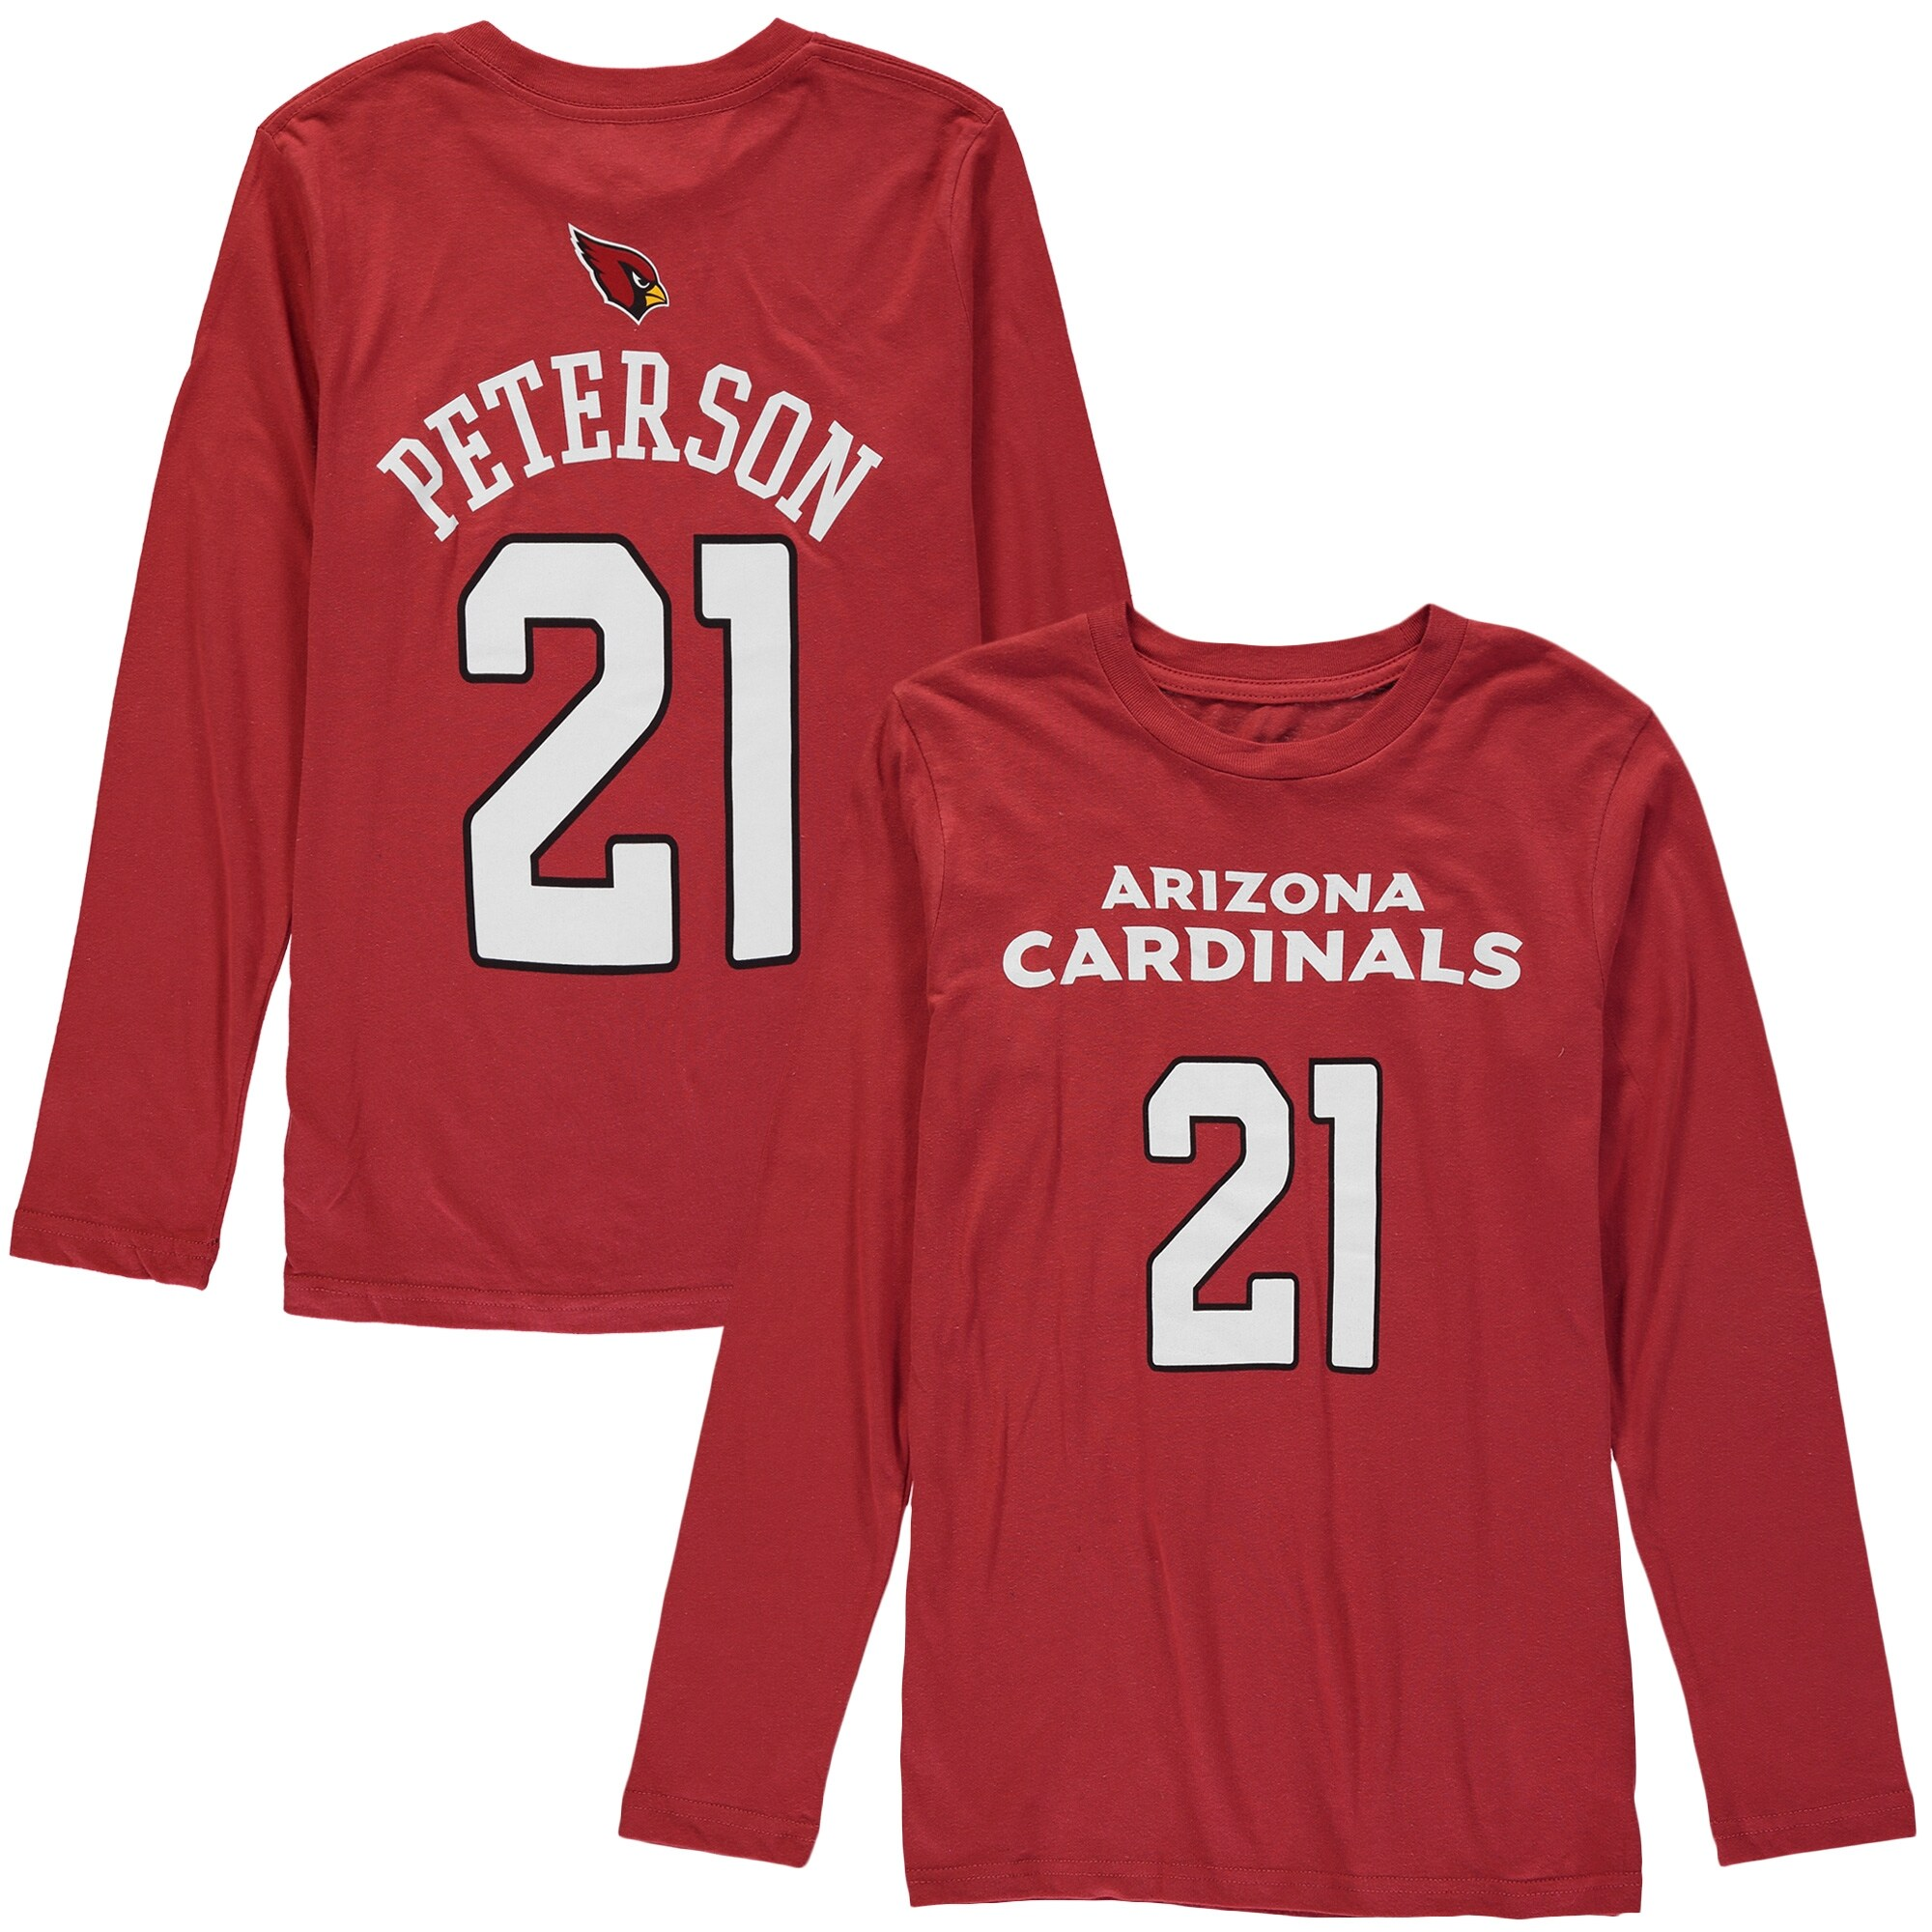 Patrick Peterson Arizona Cardinals Youth Player Name & Number Long Sleeve Shirt - Cardinal